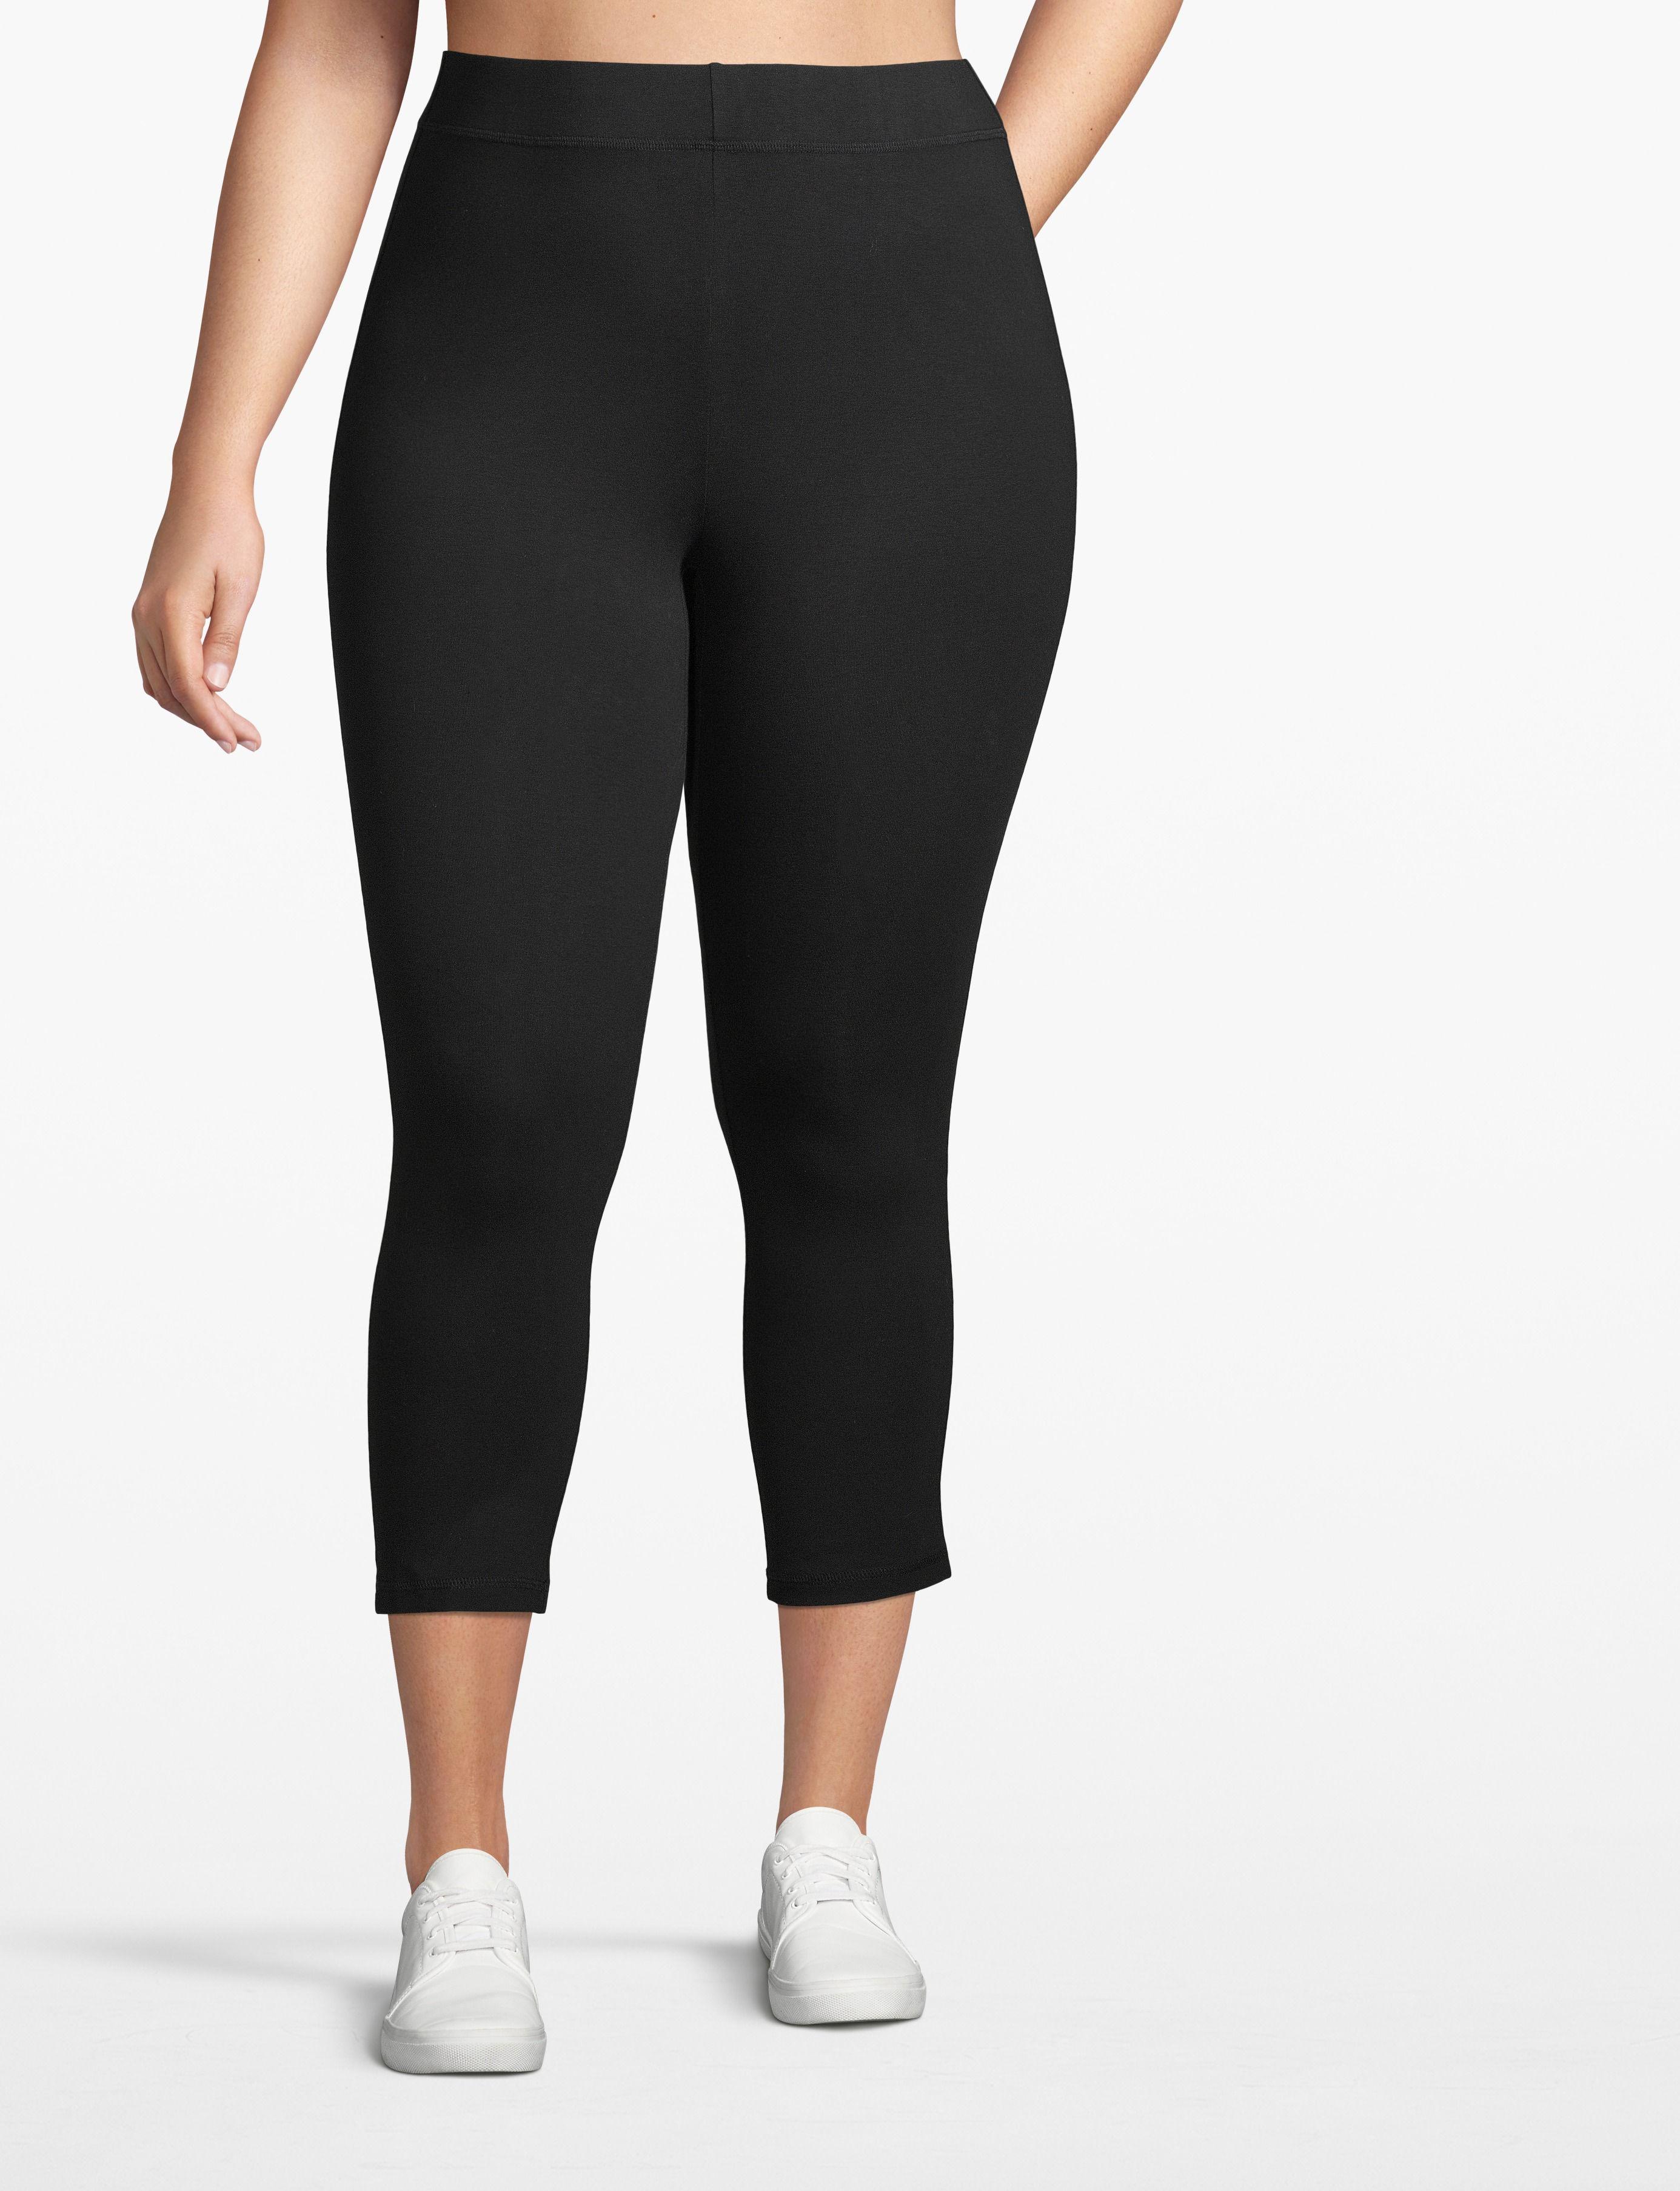 Image of Lane Bryant Women's Active Essential Capri Legging 14/16 Black